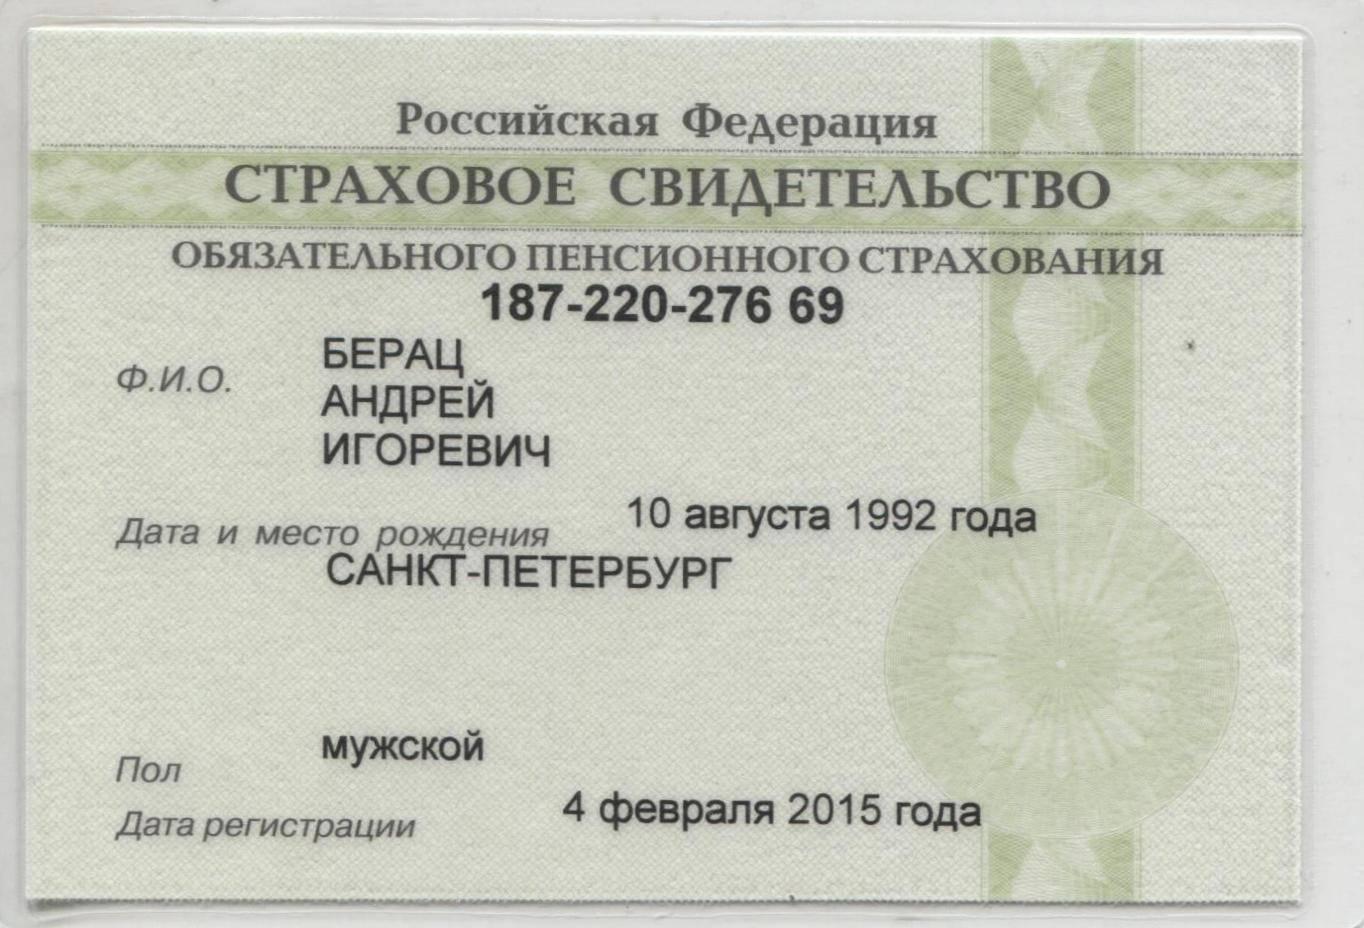 Передняя сторона документа